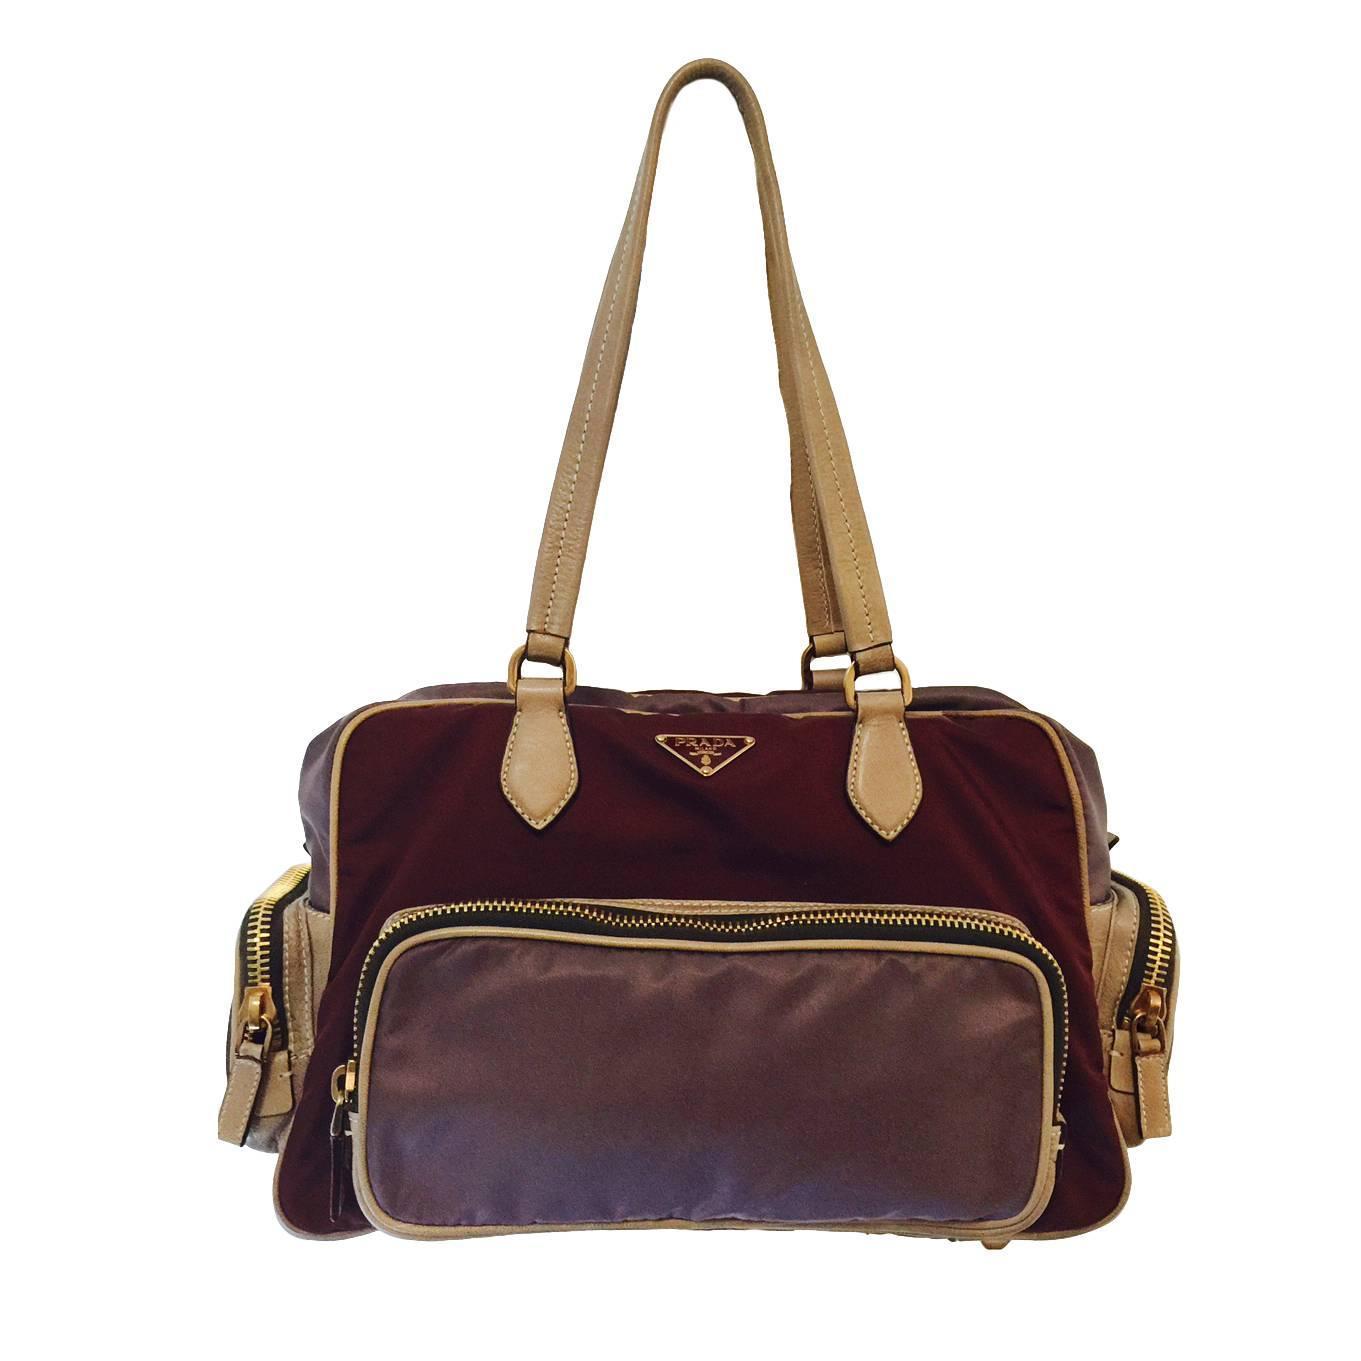 Vintage Prada Shoulder Bags - 33 For Sale at 1stdibs